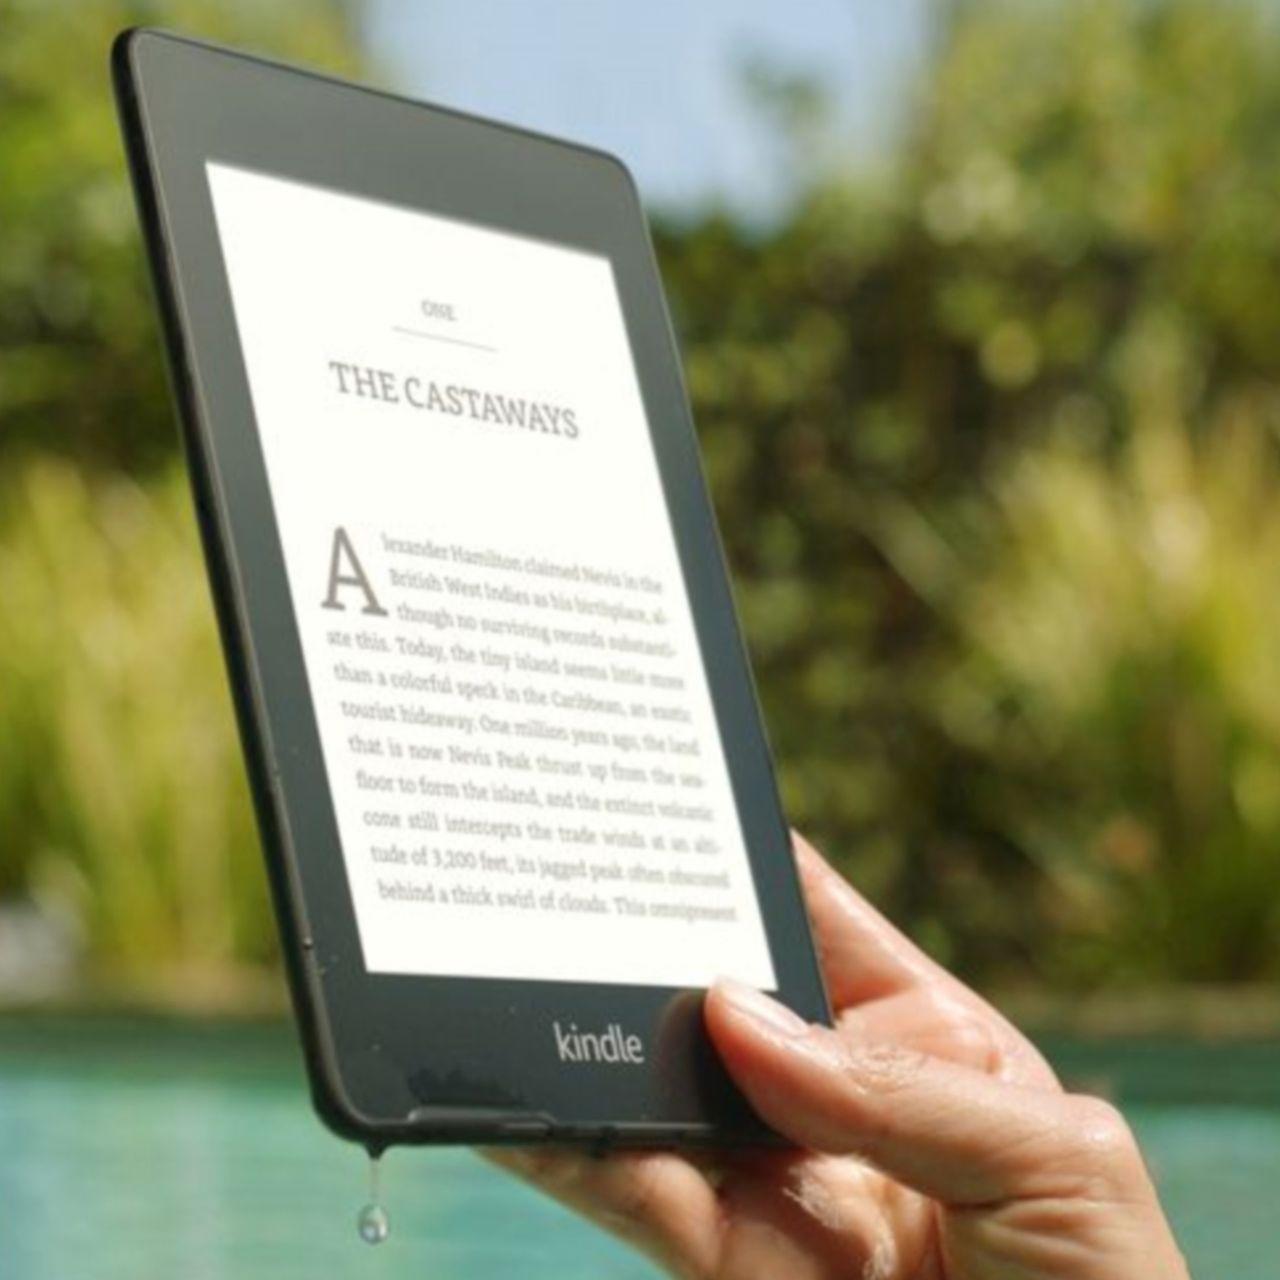 B07747FR44 | Kindle Paperwhite eBook reader| ao.com